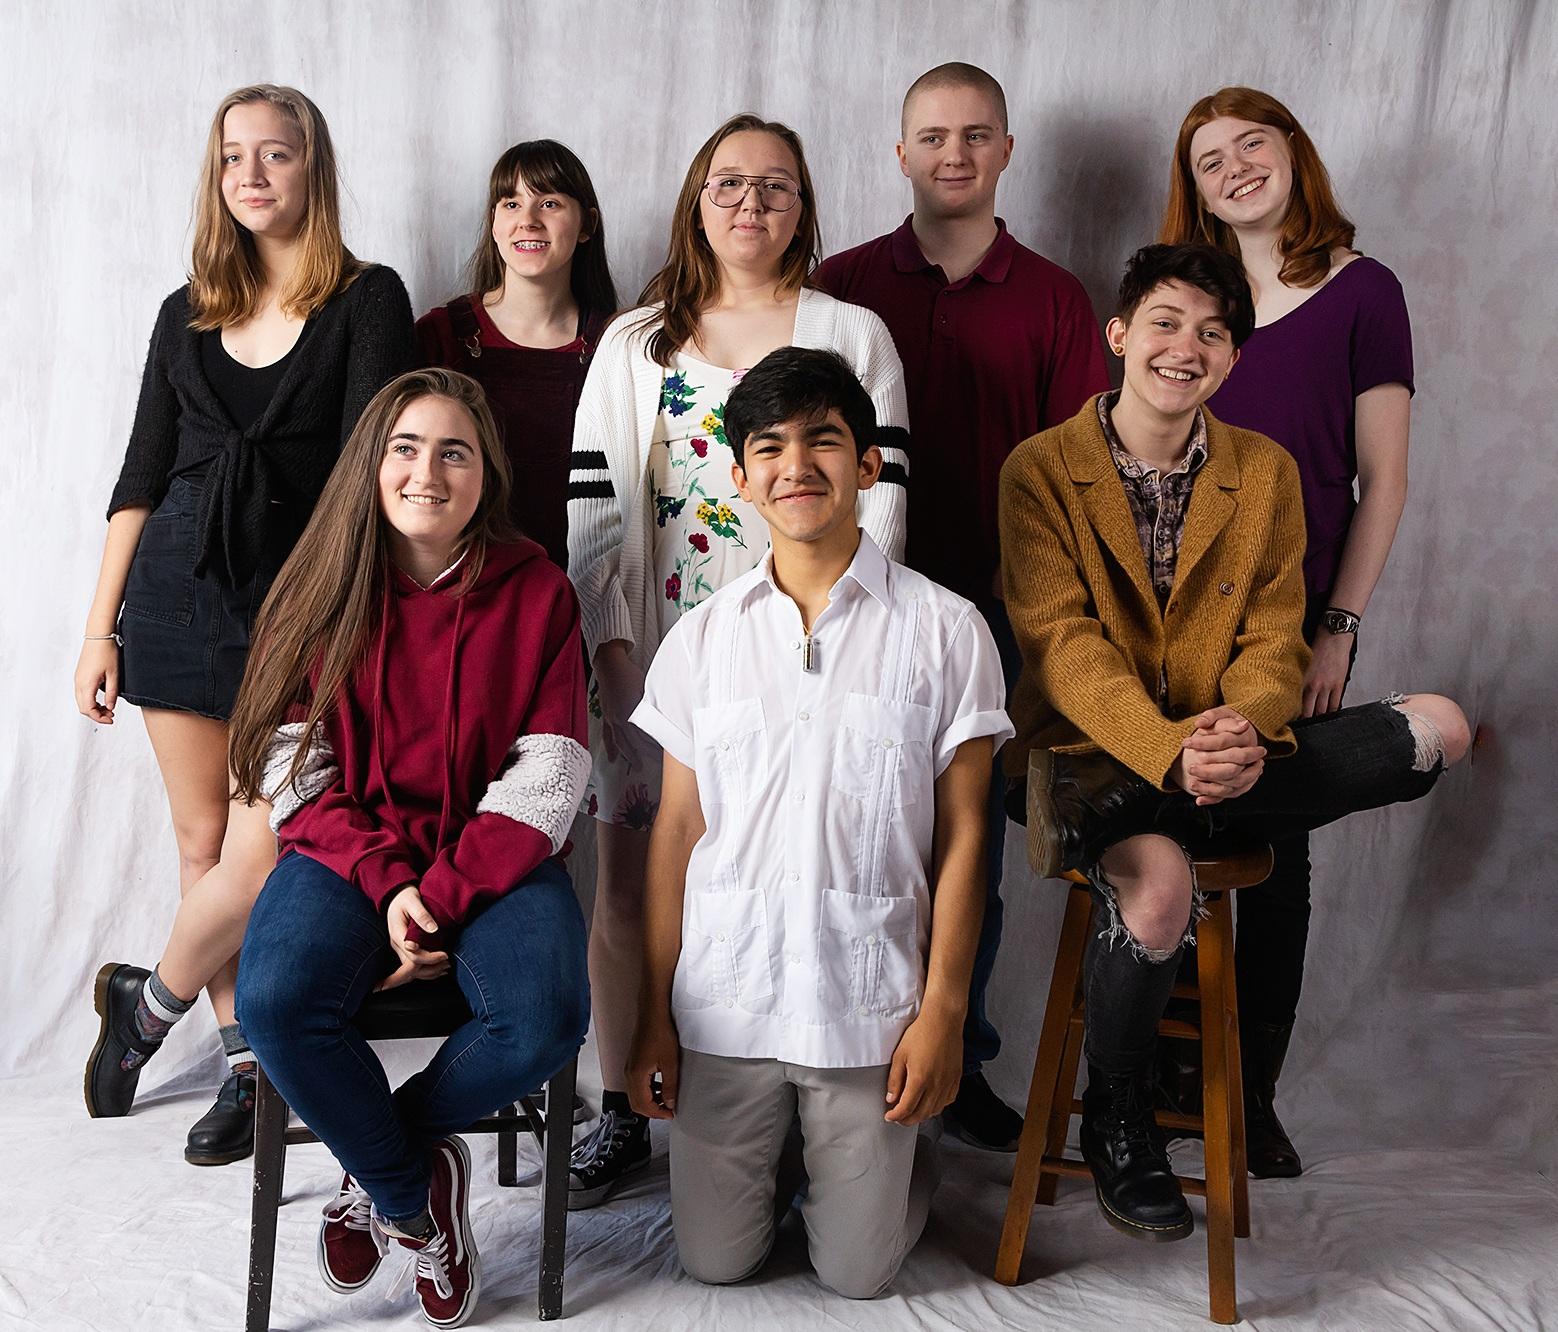 Aliza, Aresa, Asher, Diego, Ellric, Lydia, Regan & Stephanie |  Photo by Brett Love